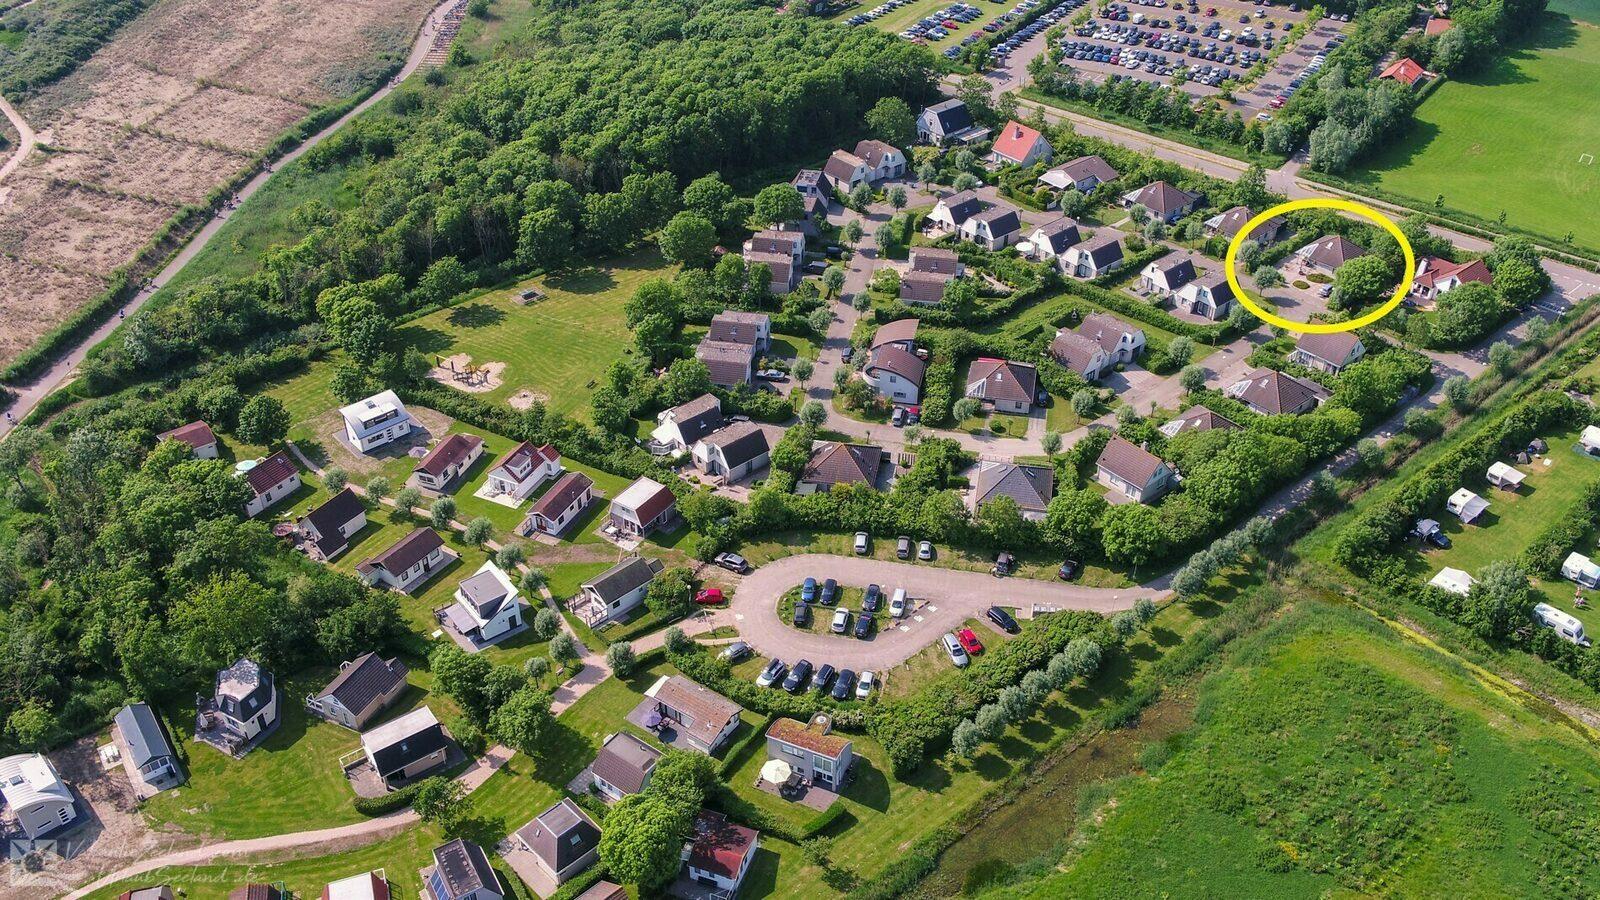 VZ968 Detached holiday home in Vlissingen